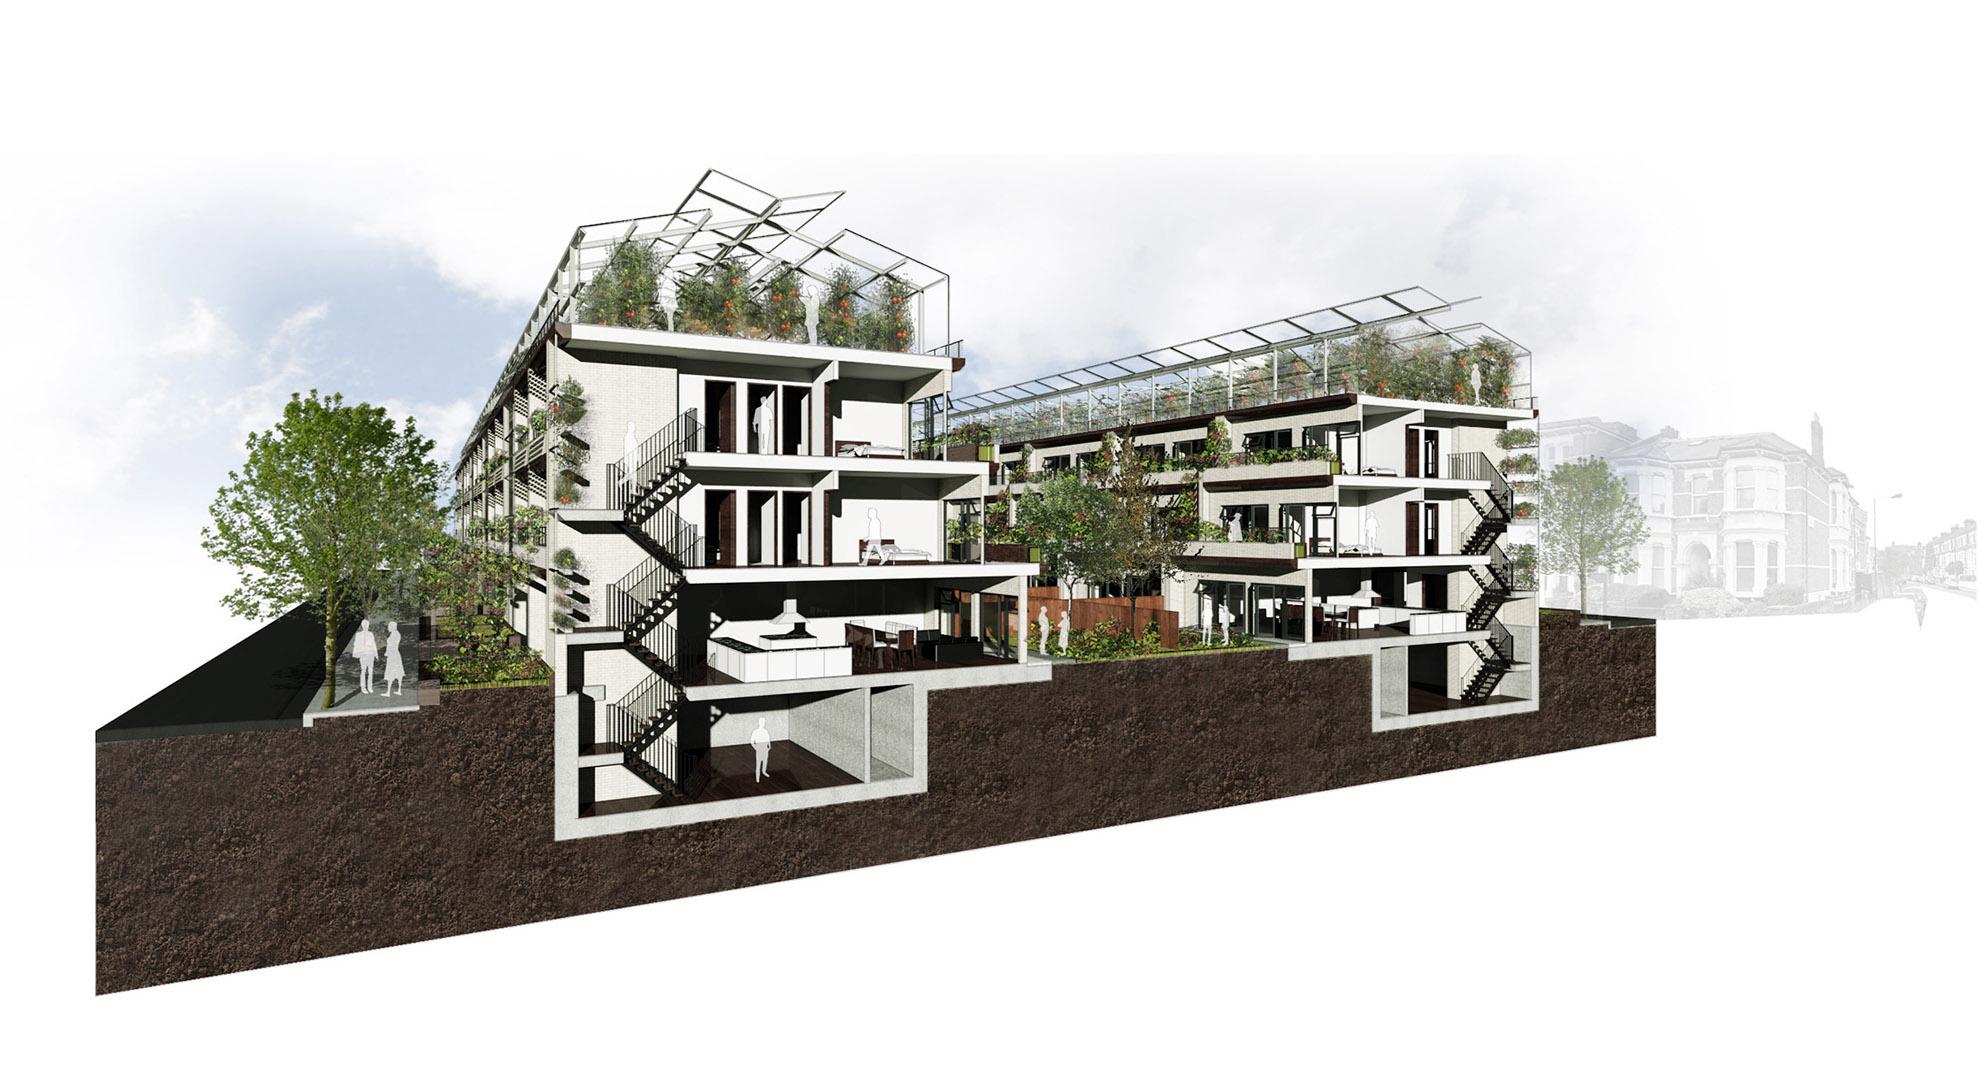 Viviendas adosadas con soluciones de agricultura urbana.